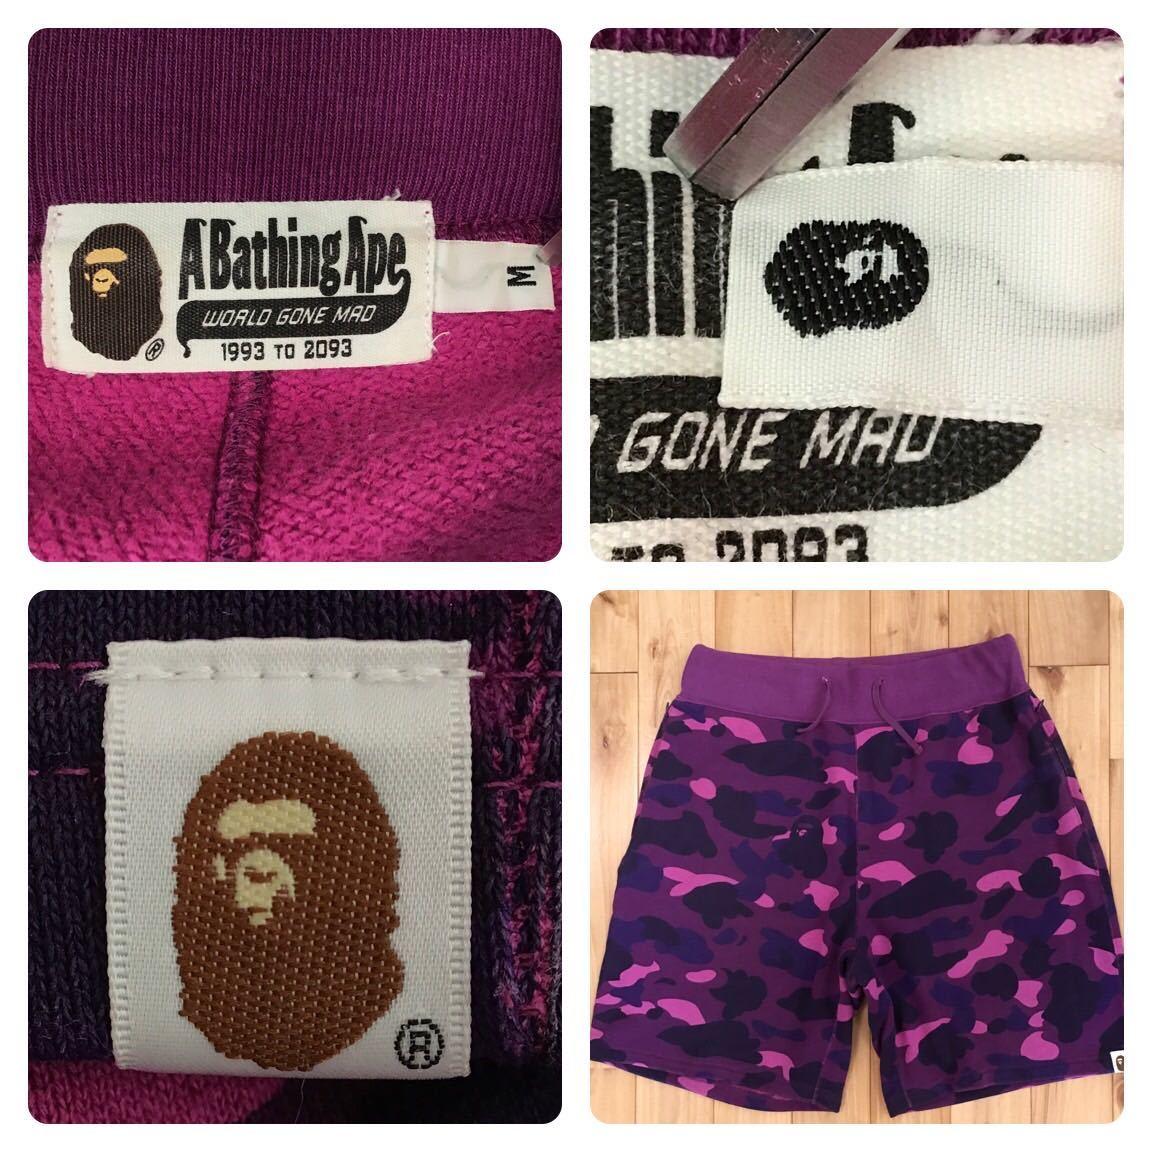 Purple camo スウェット ハーフパンツ Mサイズ a bathing ape BAPE sweat shorts エイプ ベイプ アベイシングエイプ パープル 迷彩 k88